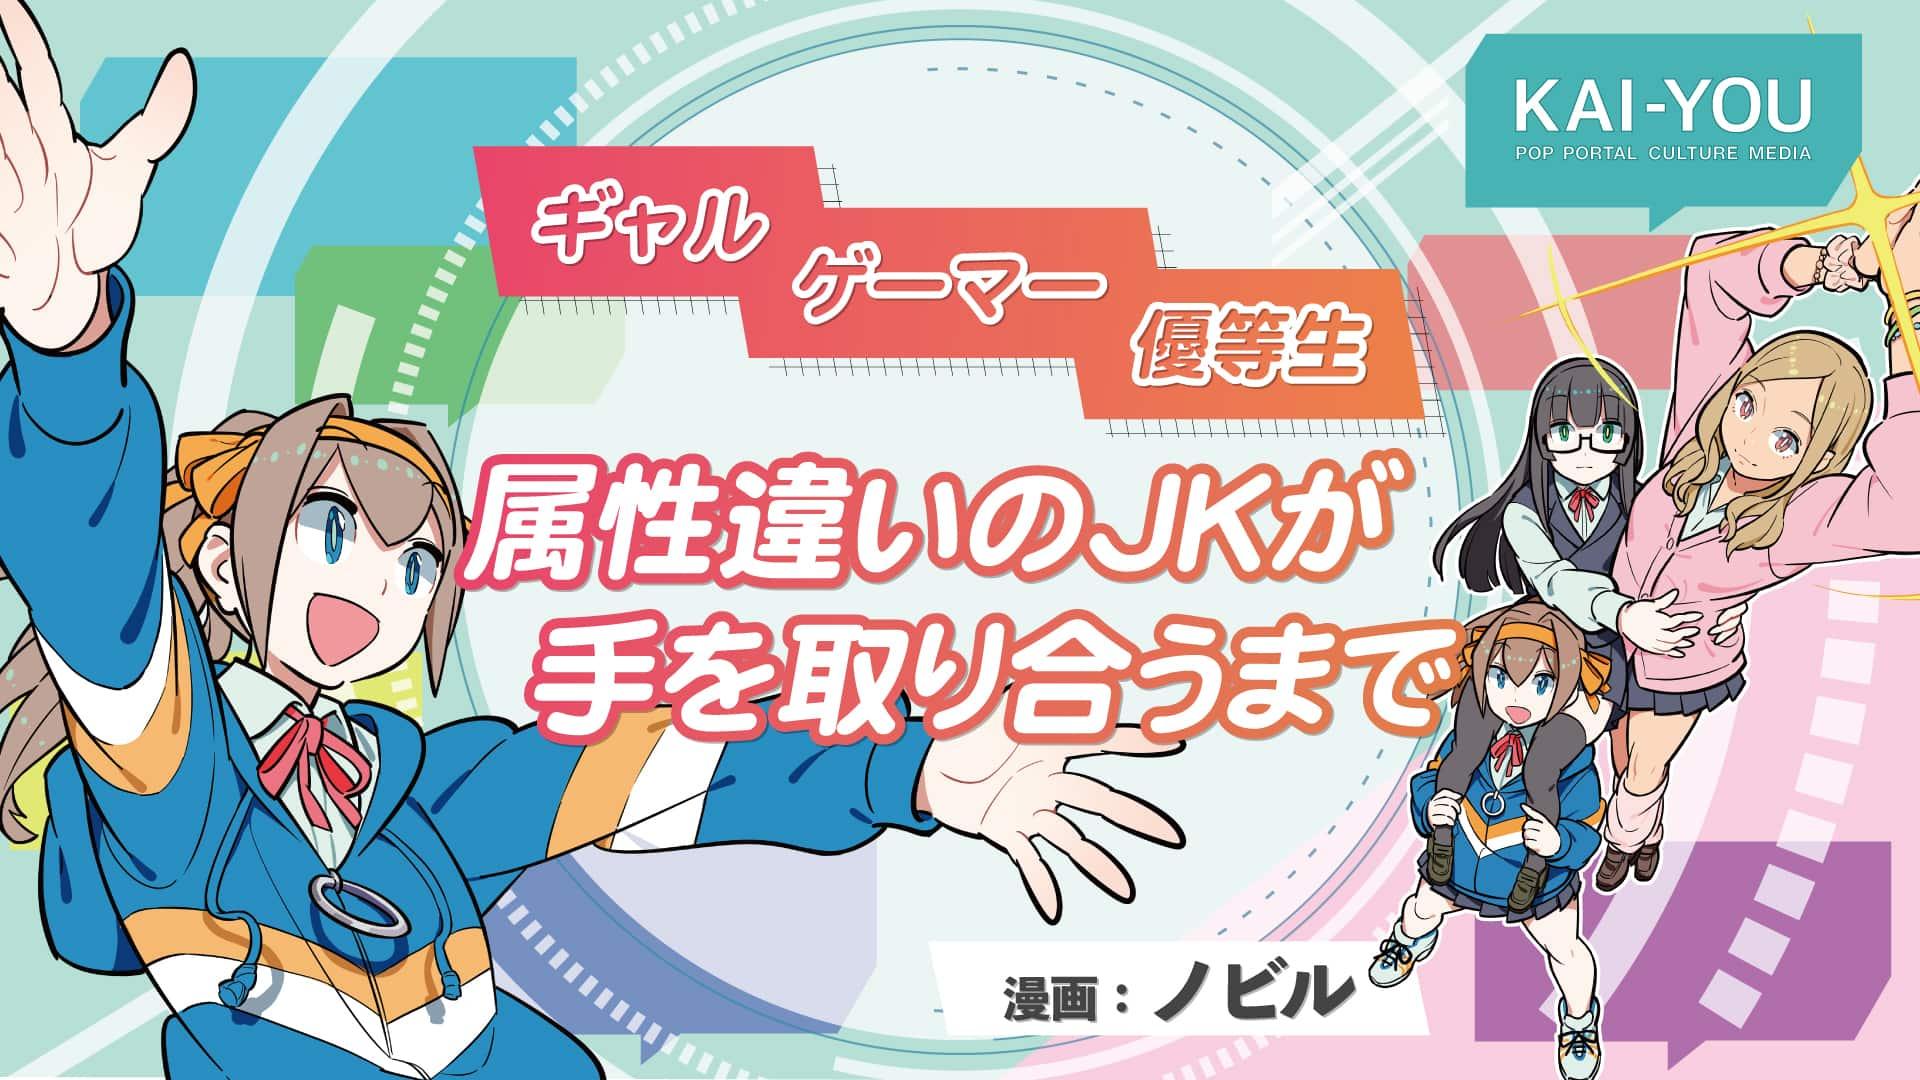 【漫画】ギャル・ゲーマー・優等生 属性違いのJKが手を取り合うまで